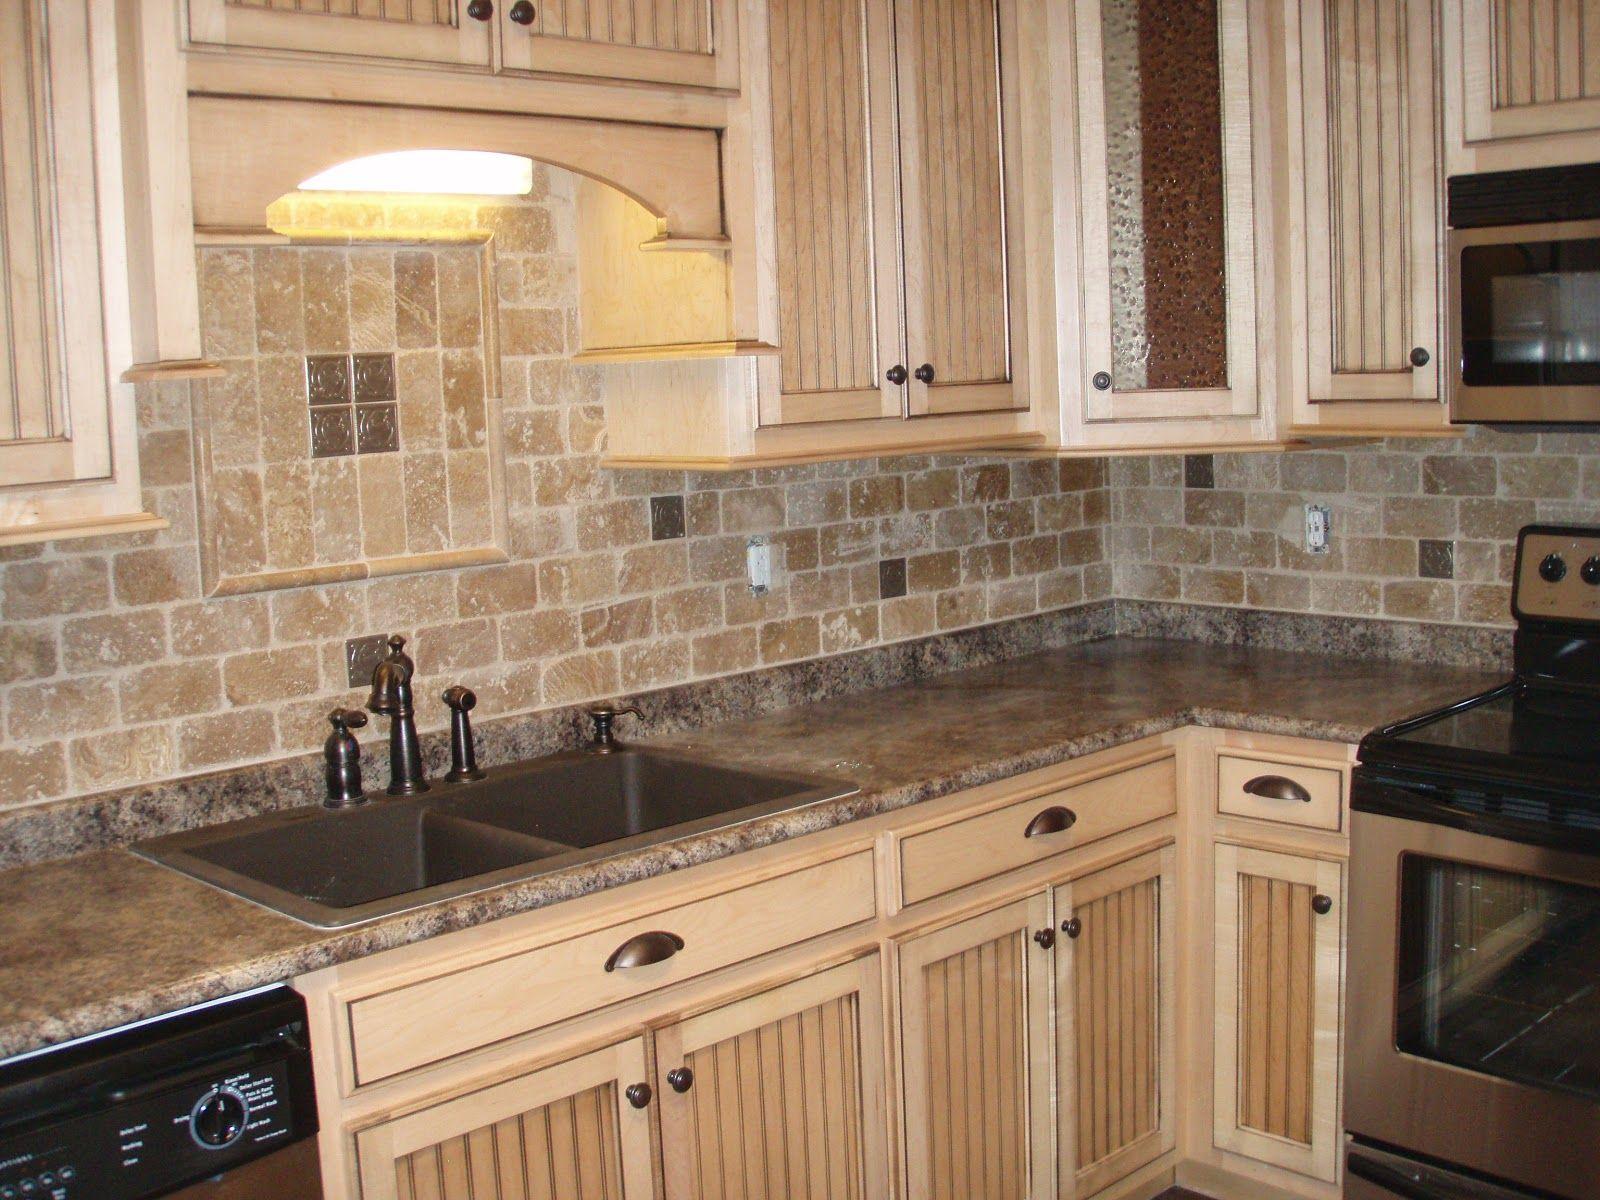 stone backsplash kitchen baseboards with white cabinets